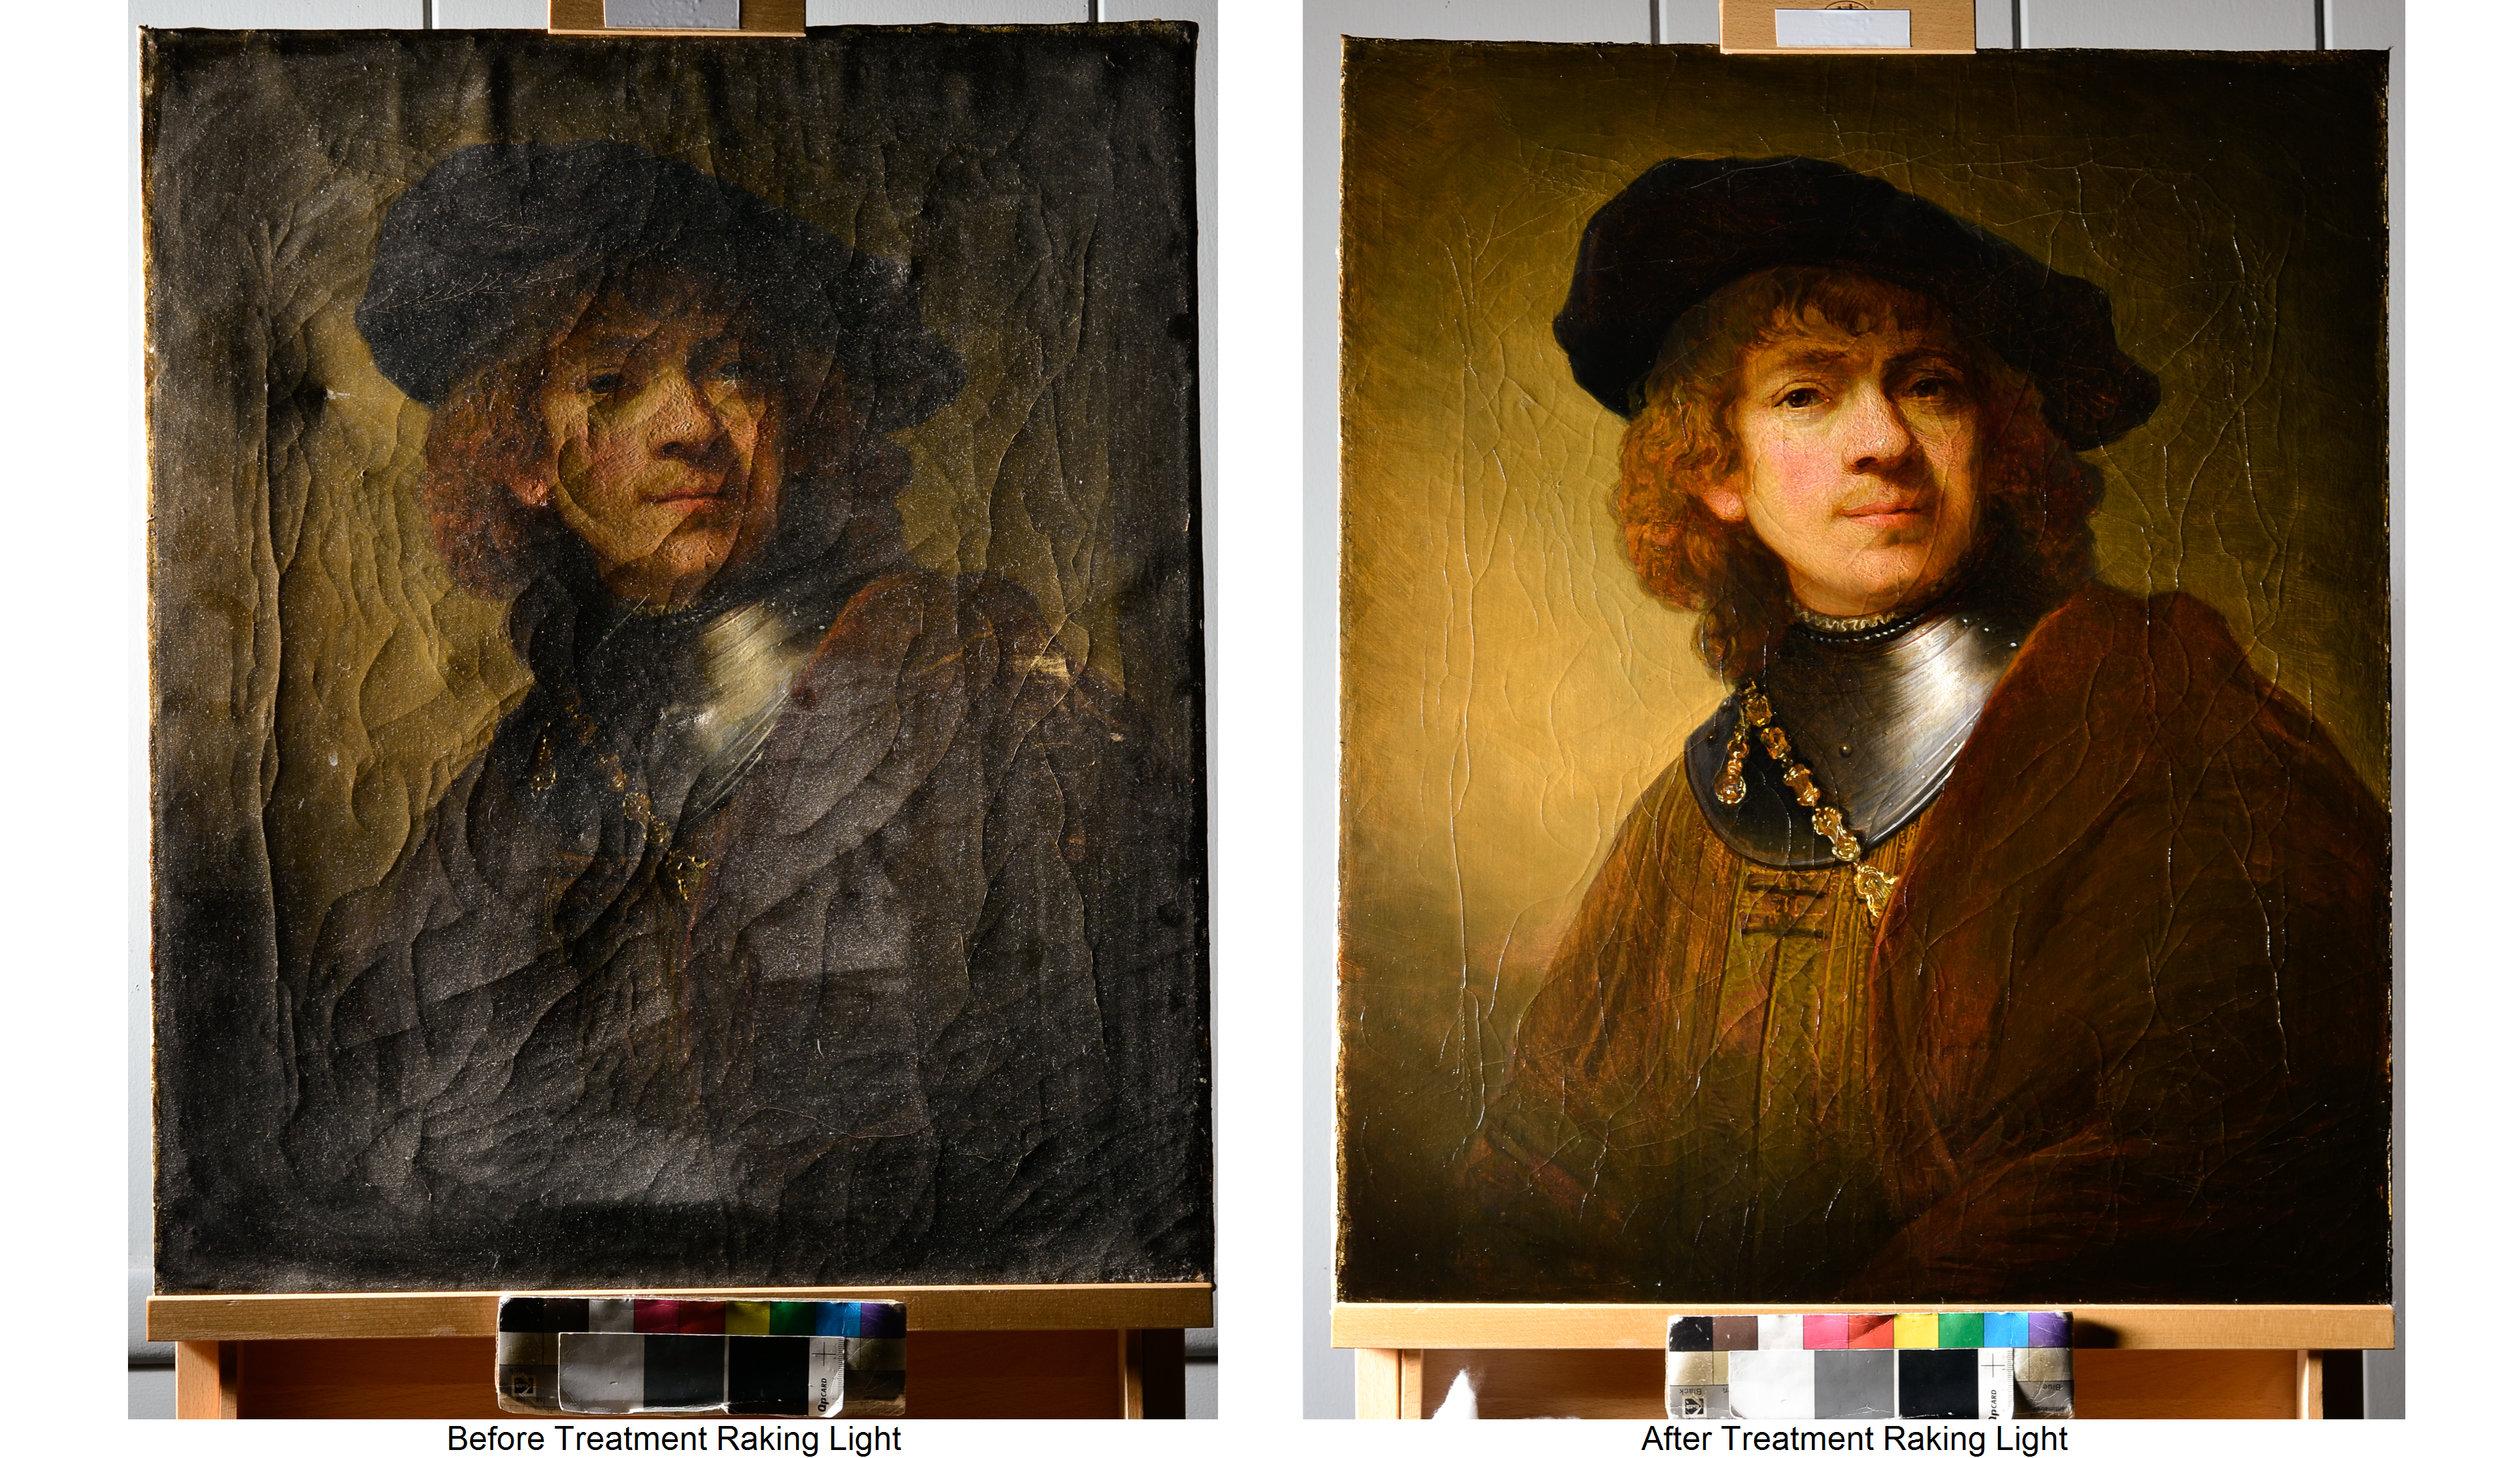 Portrait of a Man, copy after Rembrandt